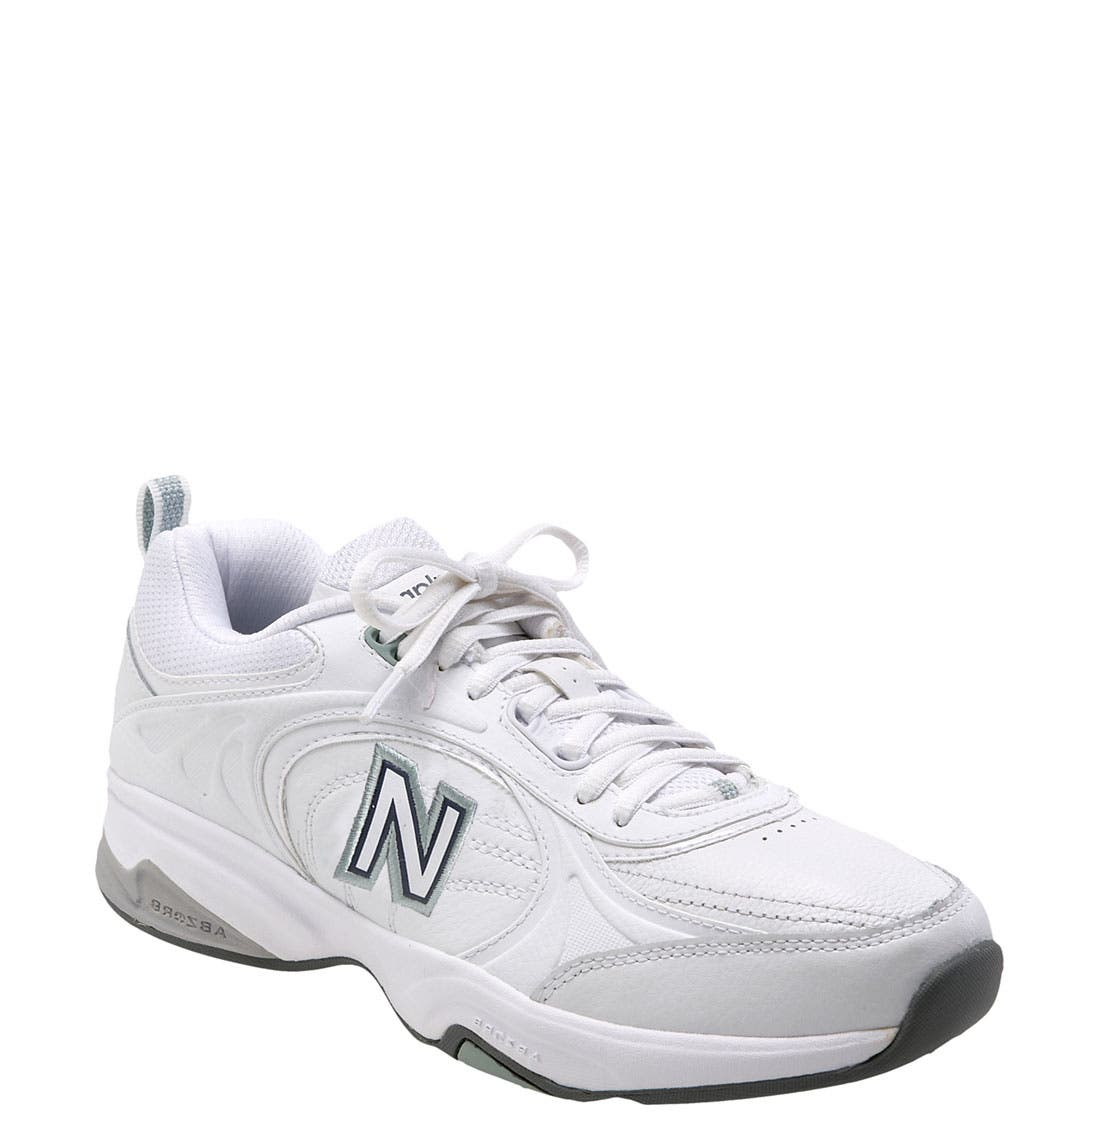 Alternate Image 1 Selected - New Balance '623' Training Shoe (Women)